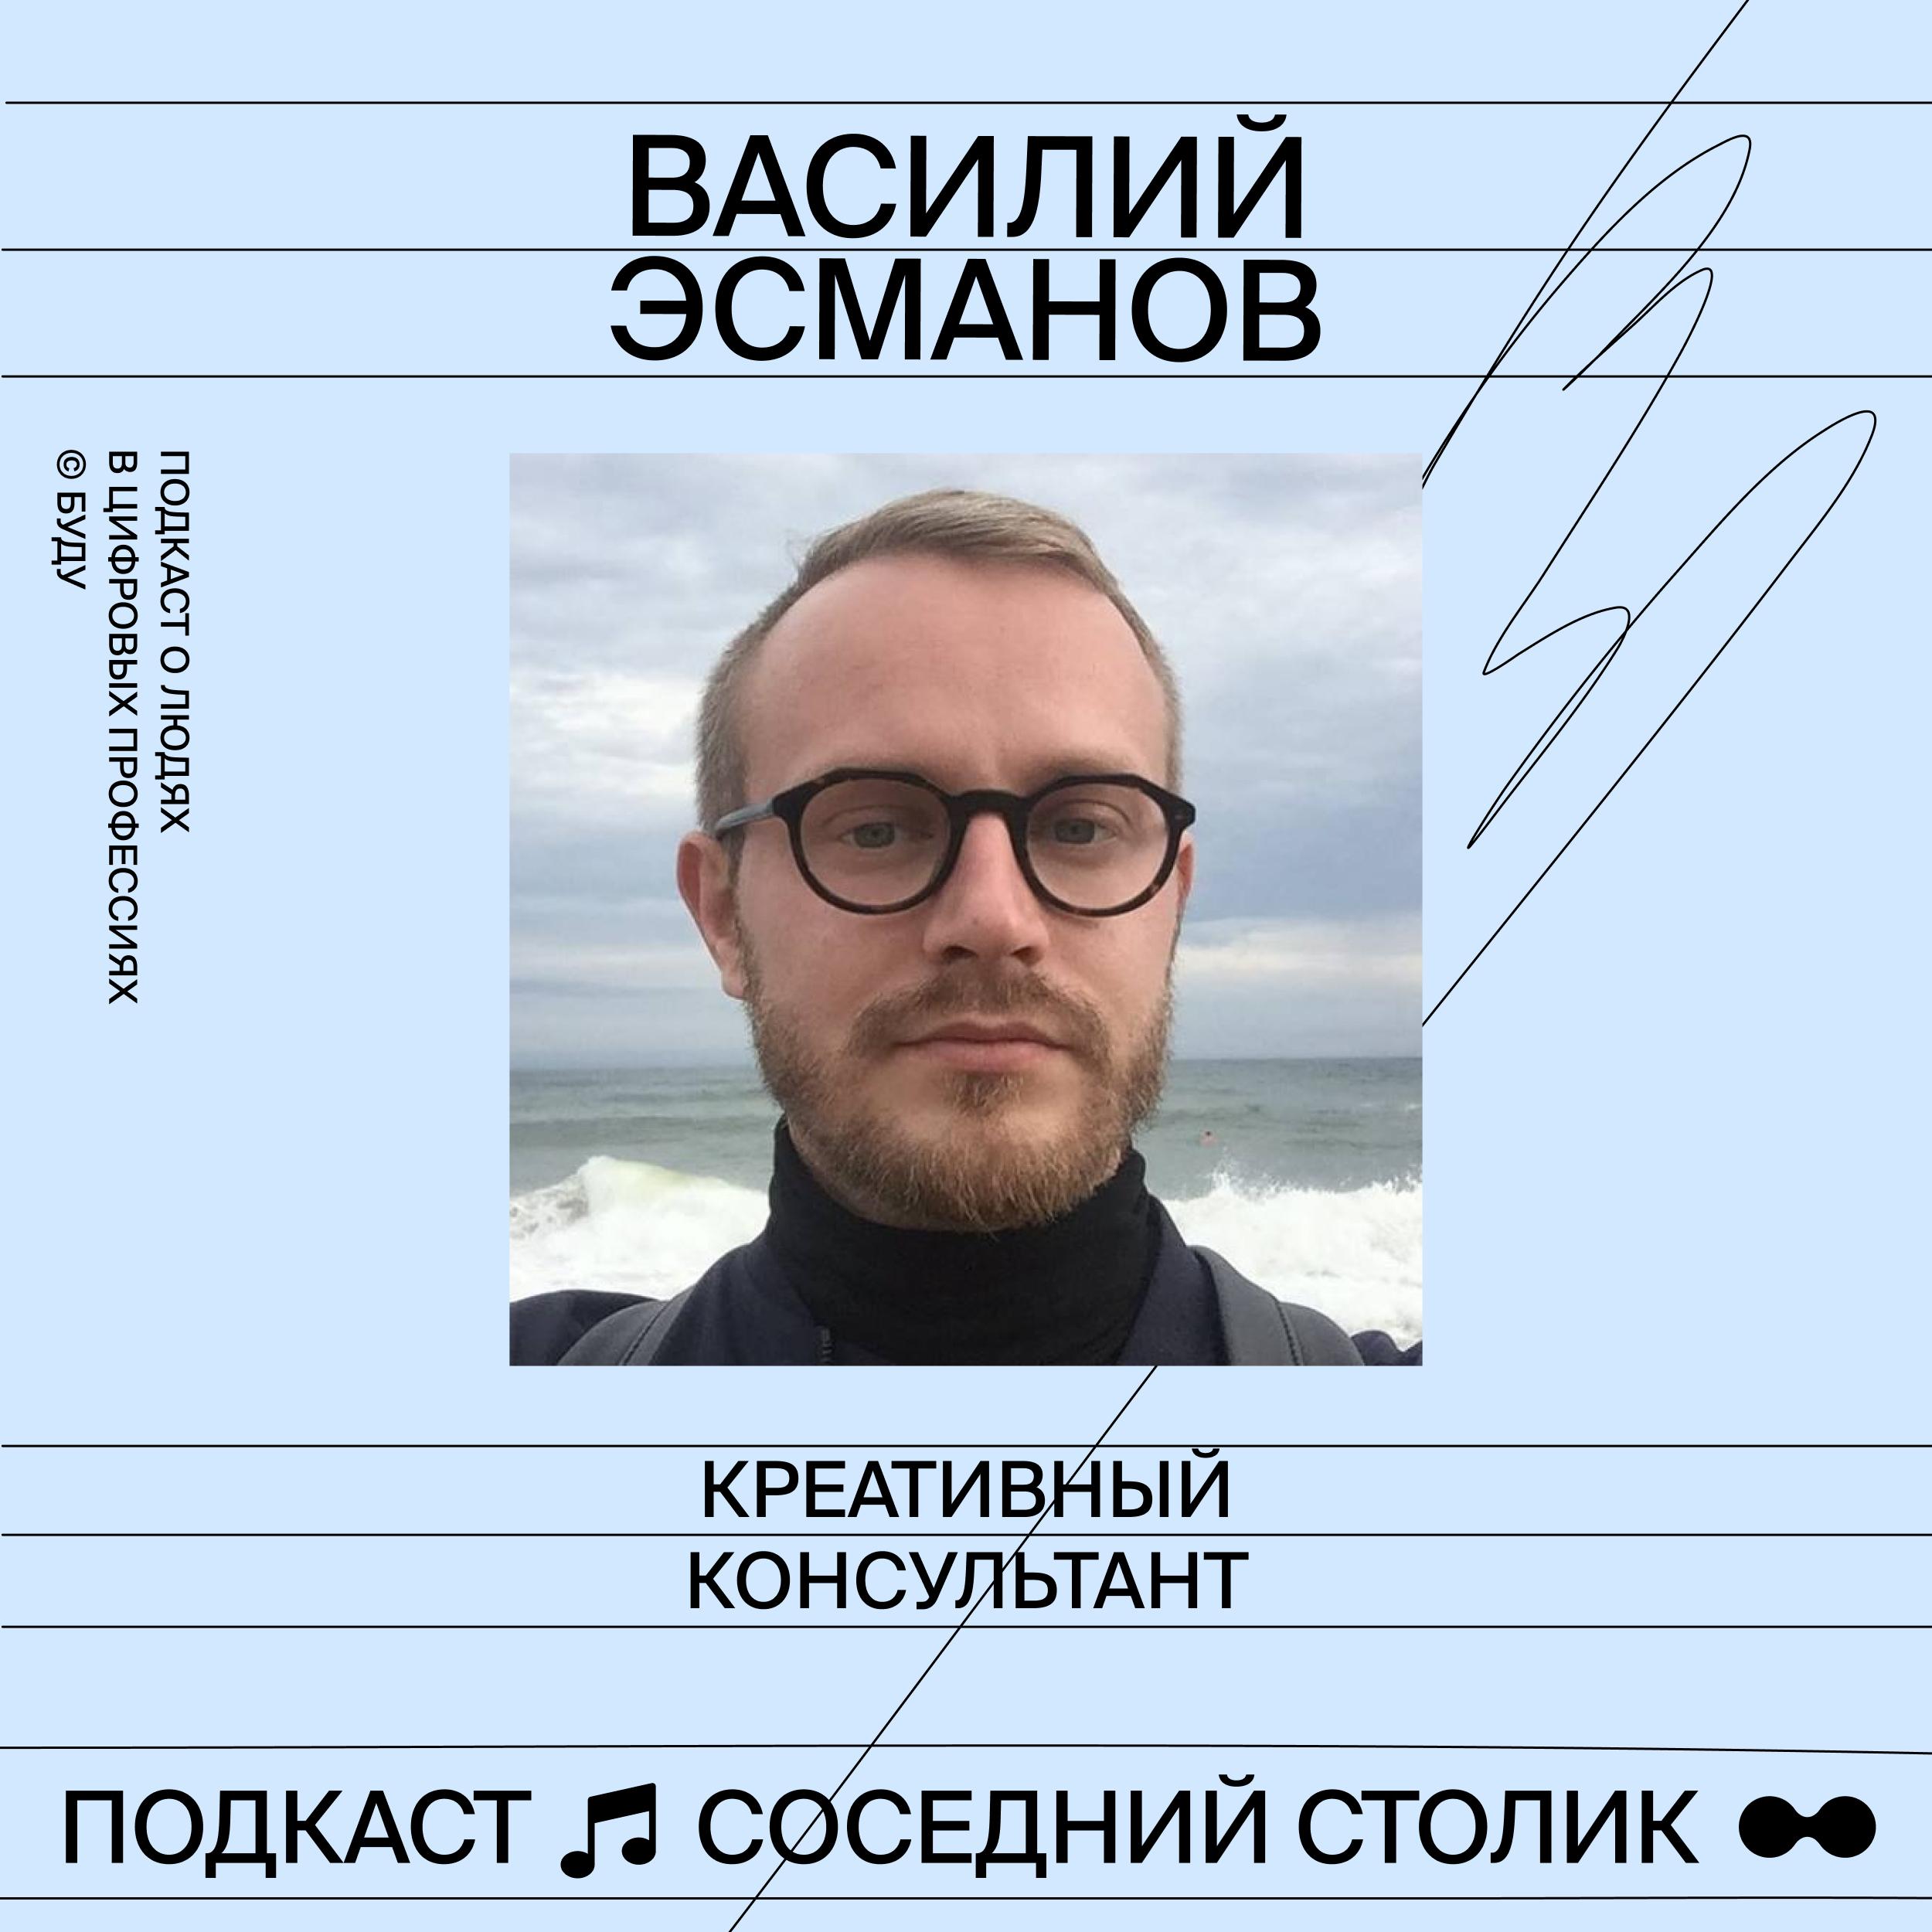 Василий Эсманов: «предприниматель в найм» и внешний консалтинг в коммуникациях